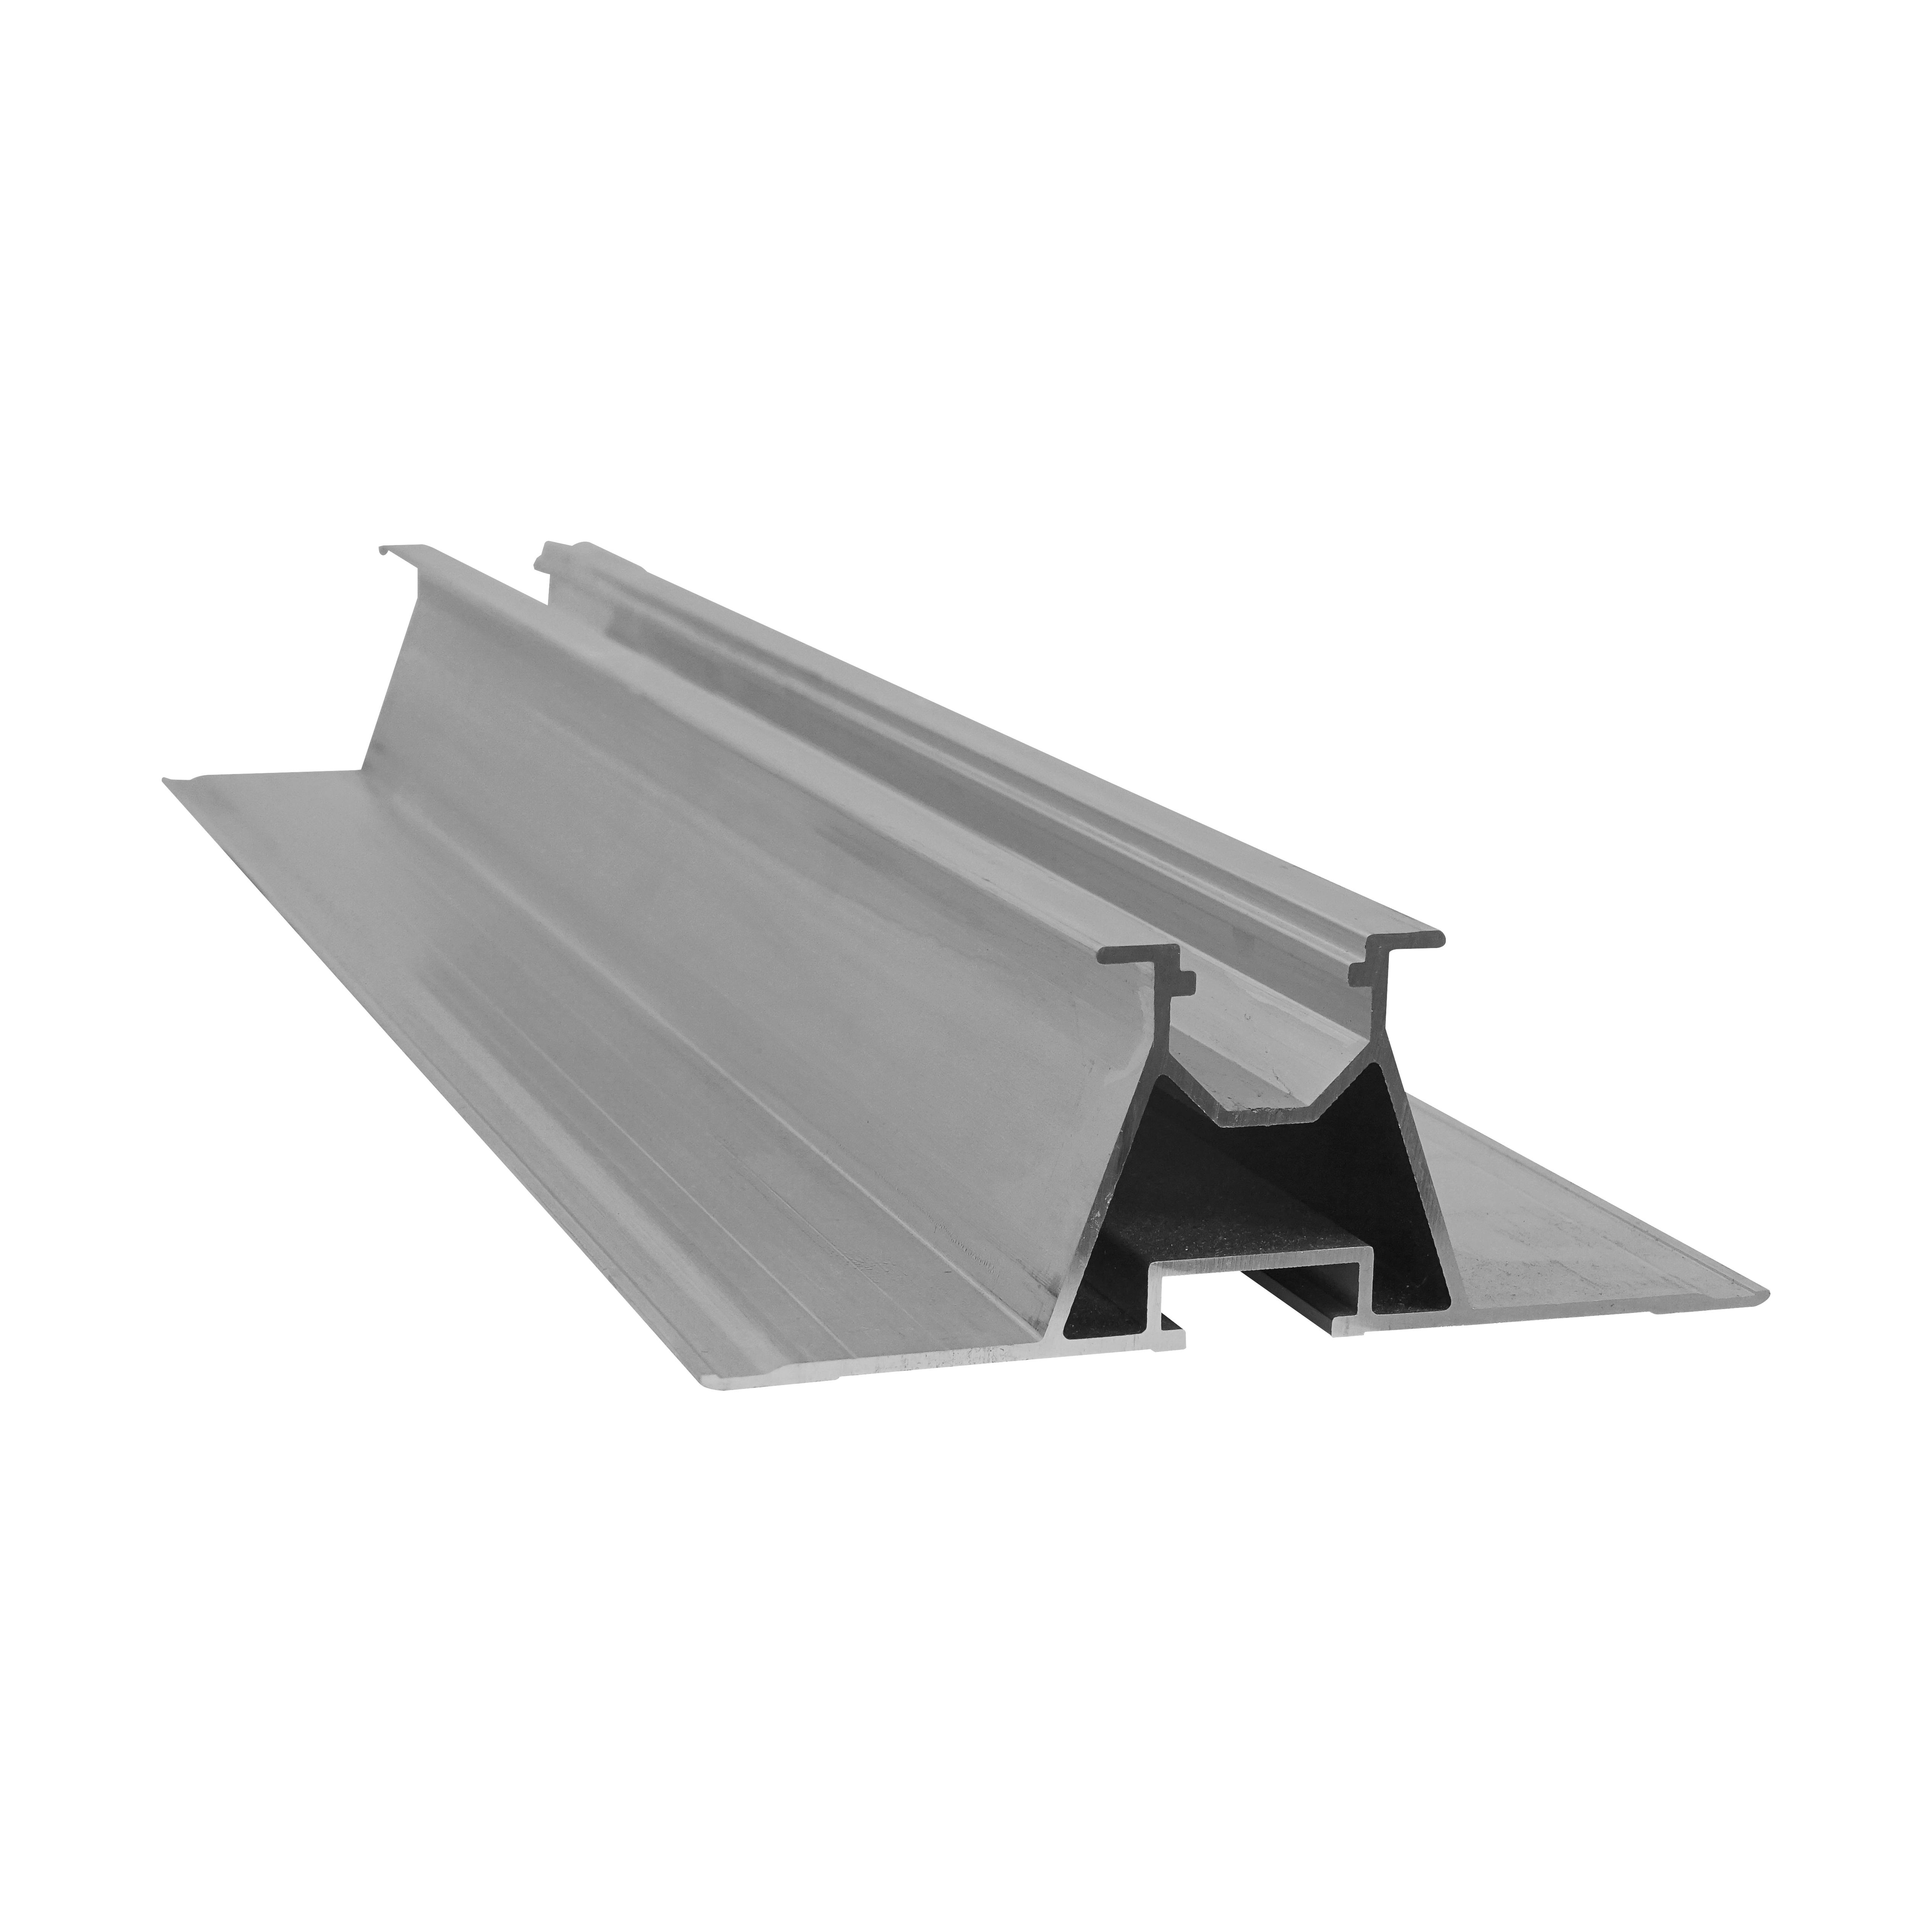 1 Stk Dachmontagekurzschienen Set Trapezdach für hohe Schneelasten PVF31100--